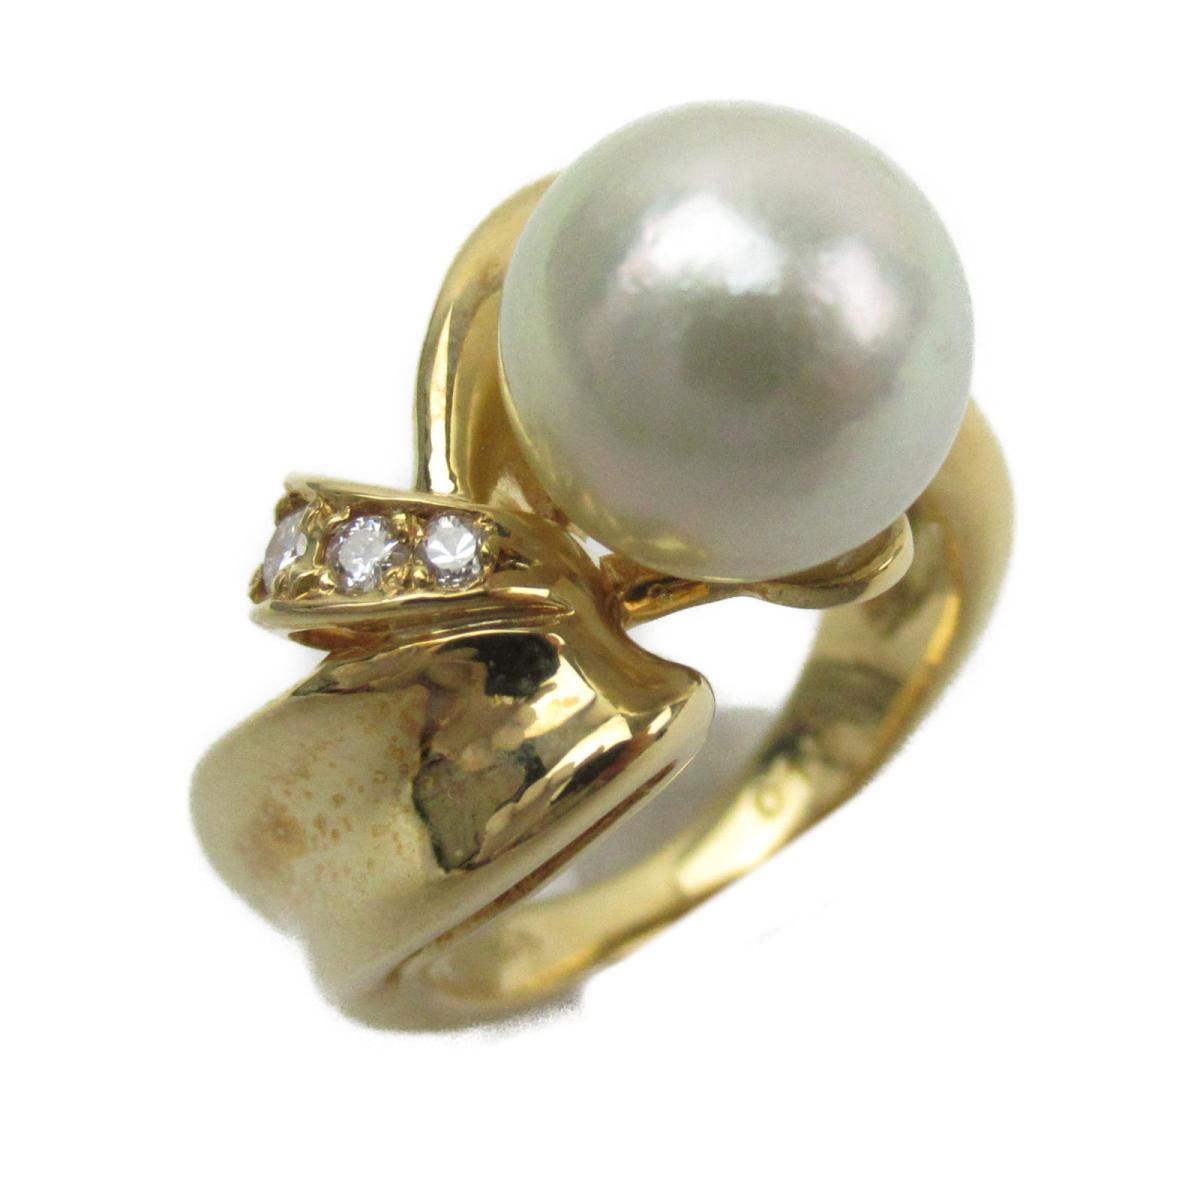 ジュエリー アコヤパール ダイヤモンド リング 指輪 ノーブランドジュエリー レディース K18YG (750) イエローゴールド x 9mm/ダイヤモンド0.10ct 【中古】 | JEWELRY BRANDOFF ブランドオフ アクセサリー